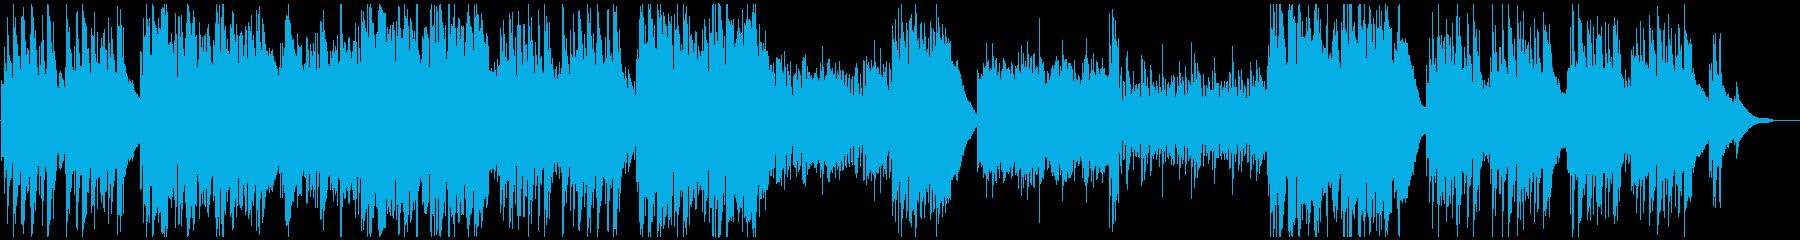 北欧_ほのぼのとしたケルト風ポップスの再生済みの波形